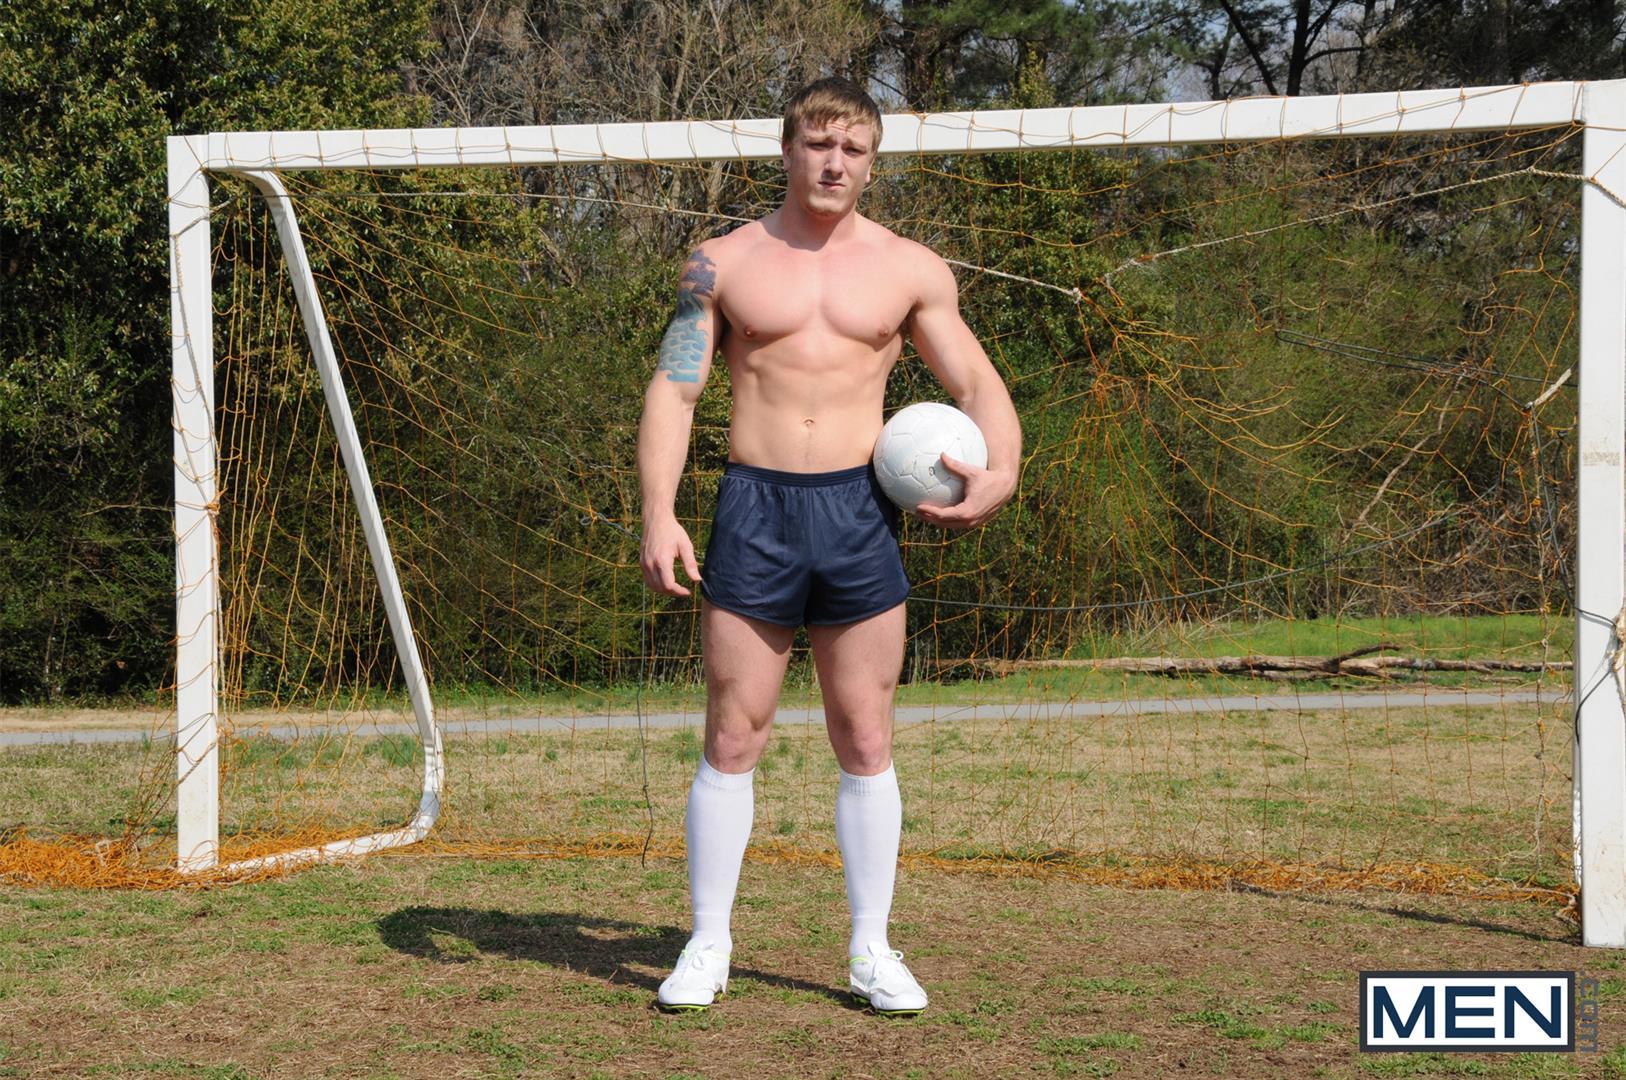 Men-Score-Series-Steve-Stiffer-and-Tom-Faulks-Soccer-Guys-Fucking-Amateur-Gay-Porn-01.jpg